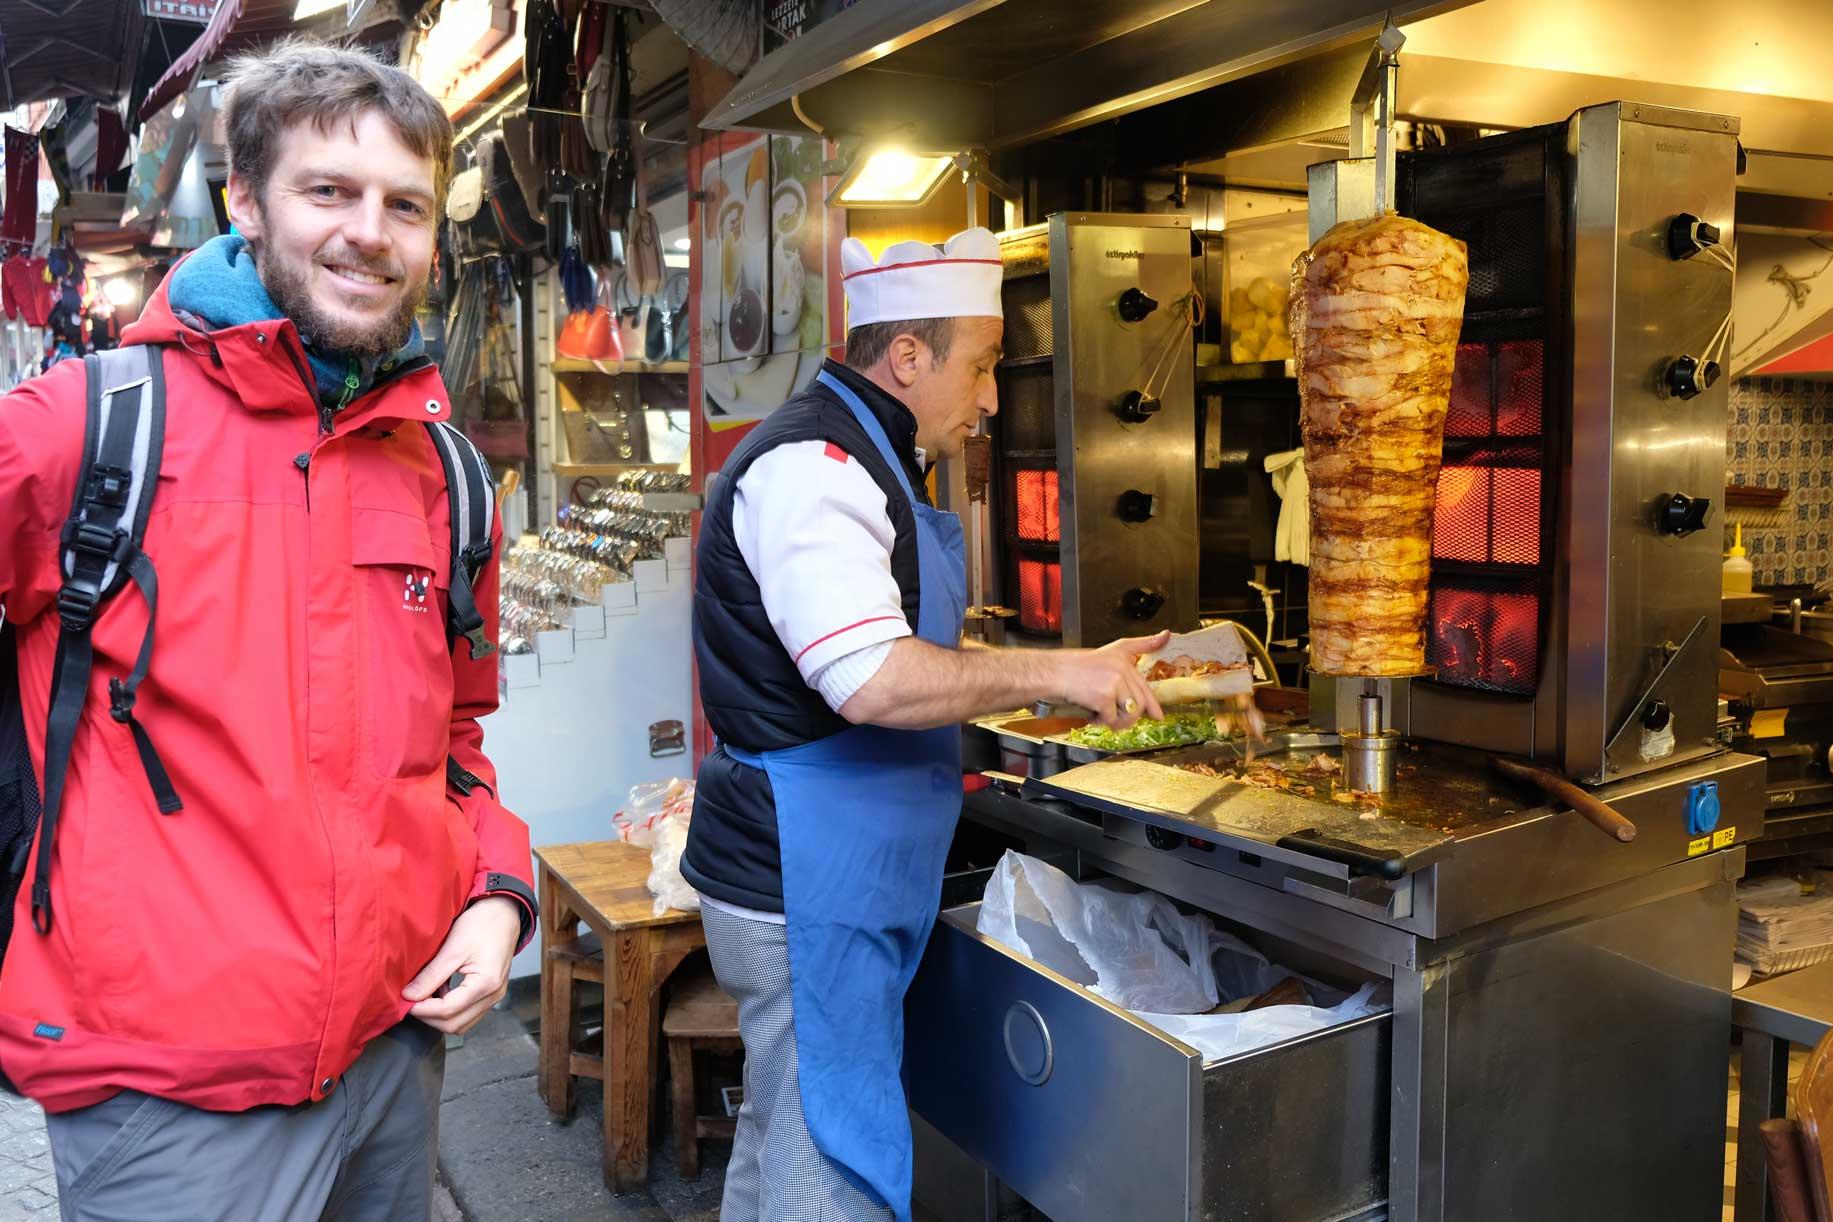 Und ja, Kebab gibt's hier natürlich auch, wenn auch anders als bei uns